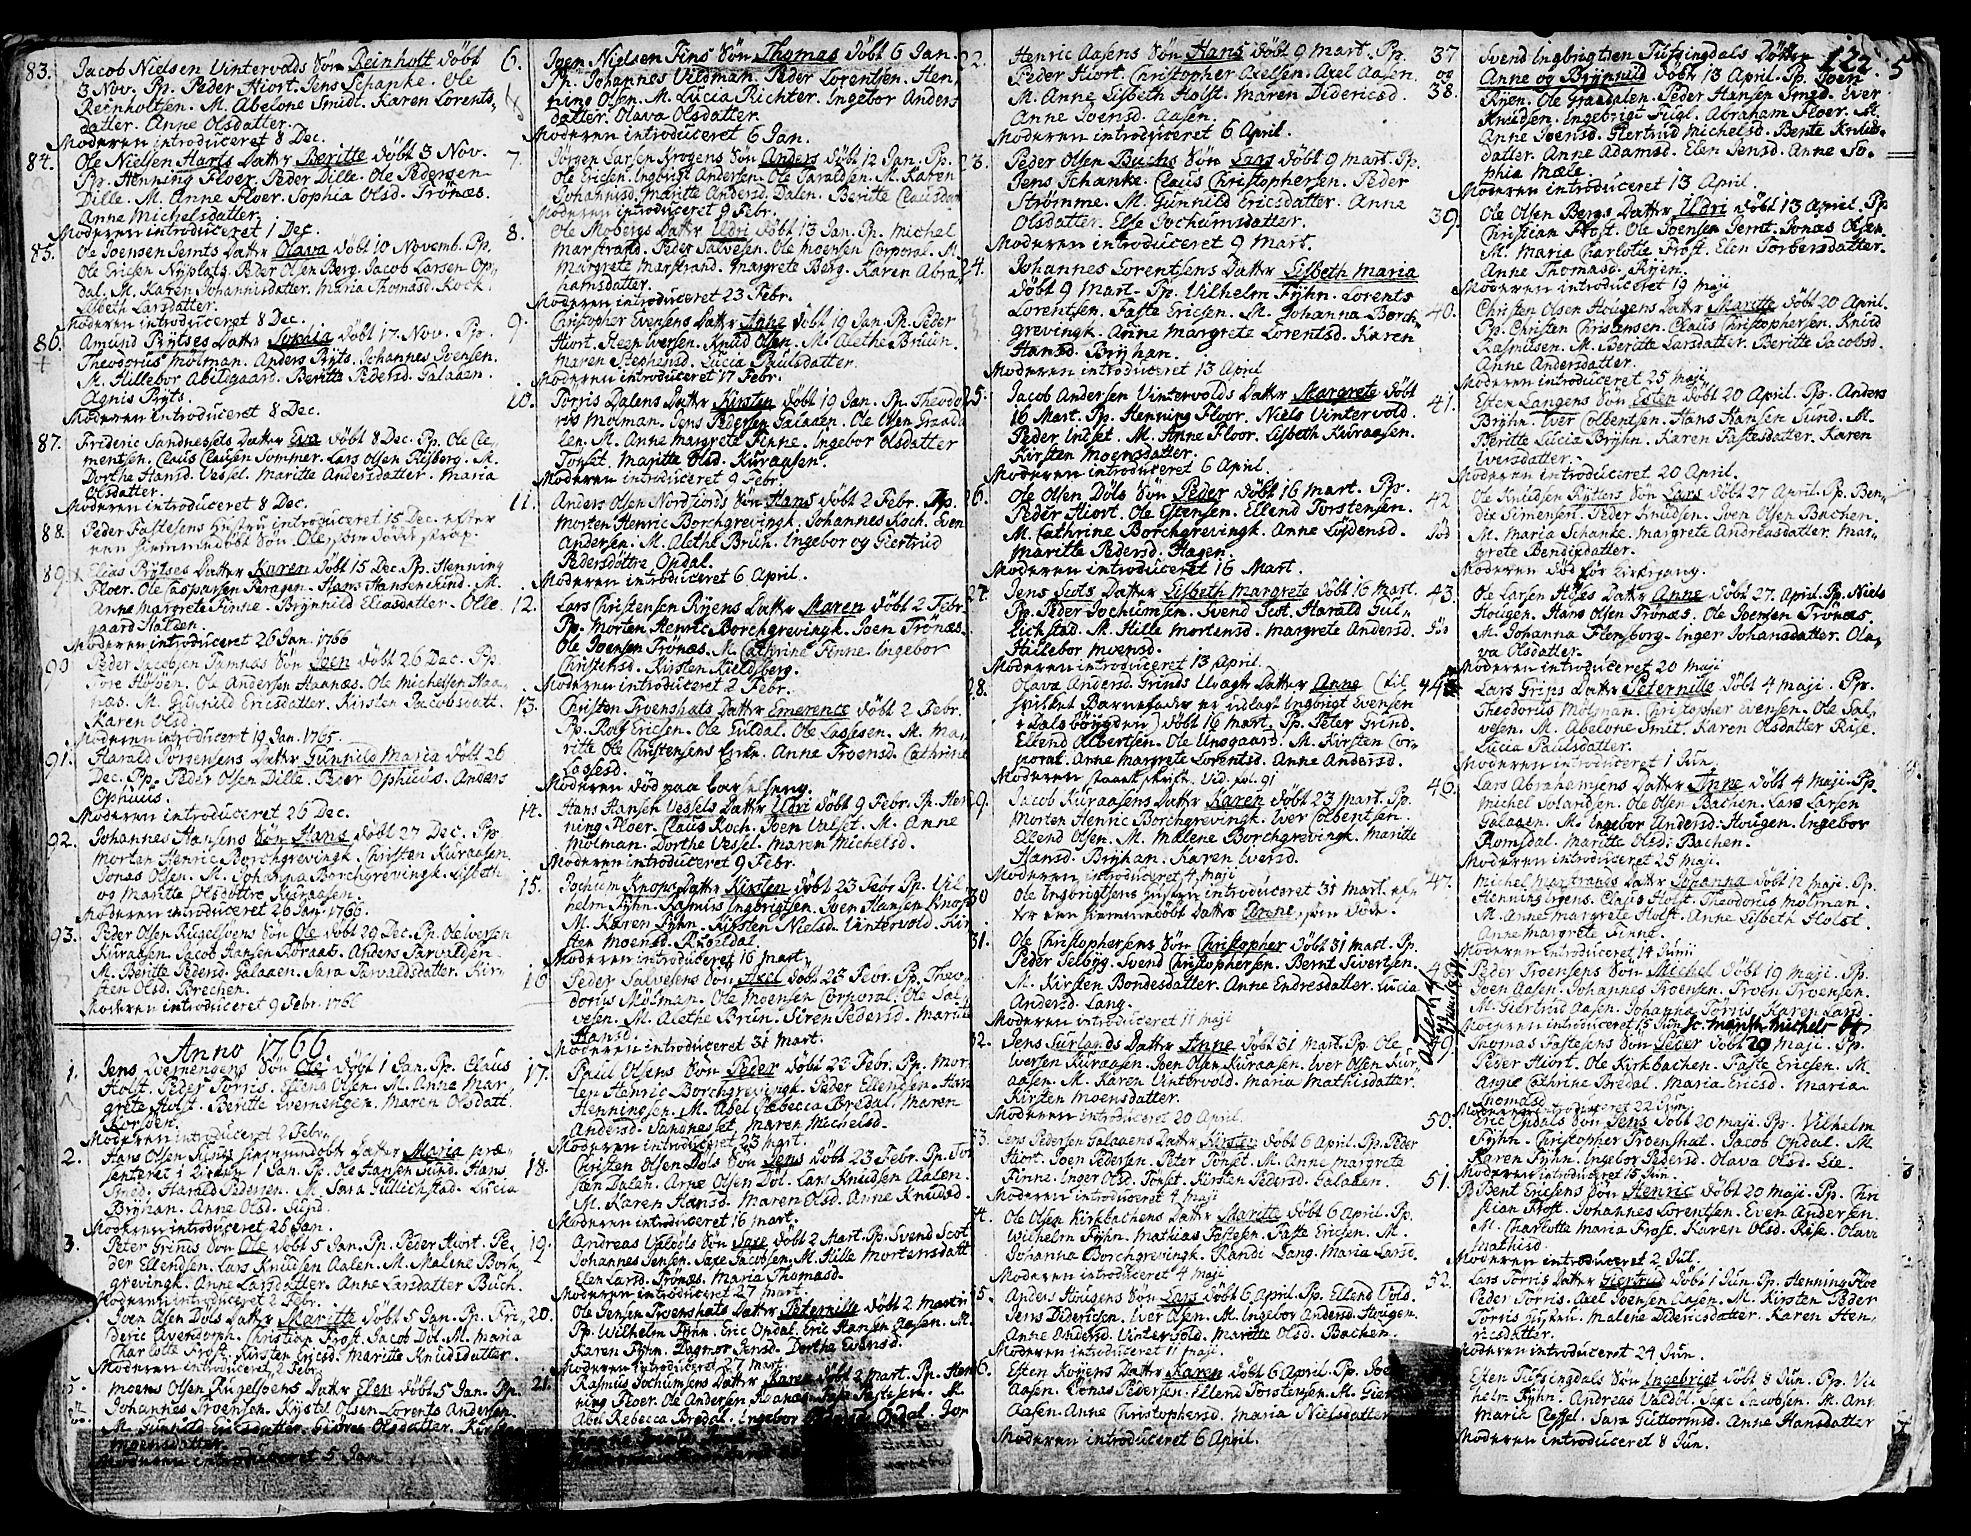 SAT, Ministerialprotokoller, klokkerbøker og fødselsregistre - Sør-Trøndelag, 681/L0925: Ministerialbok nr. 681A03, 1727-1766, s. 124